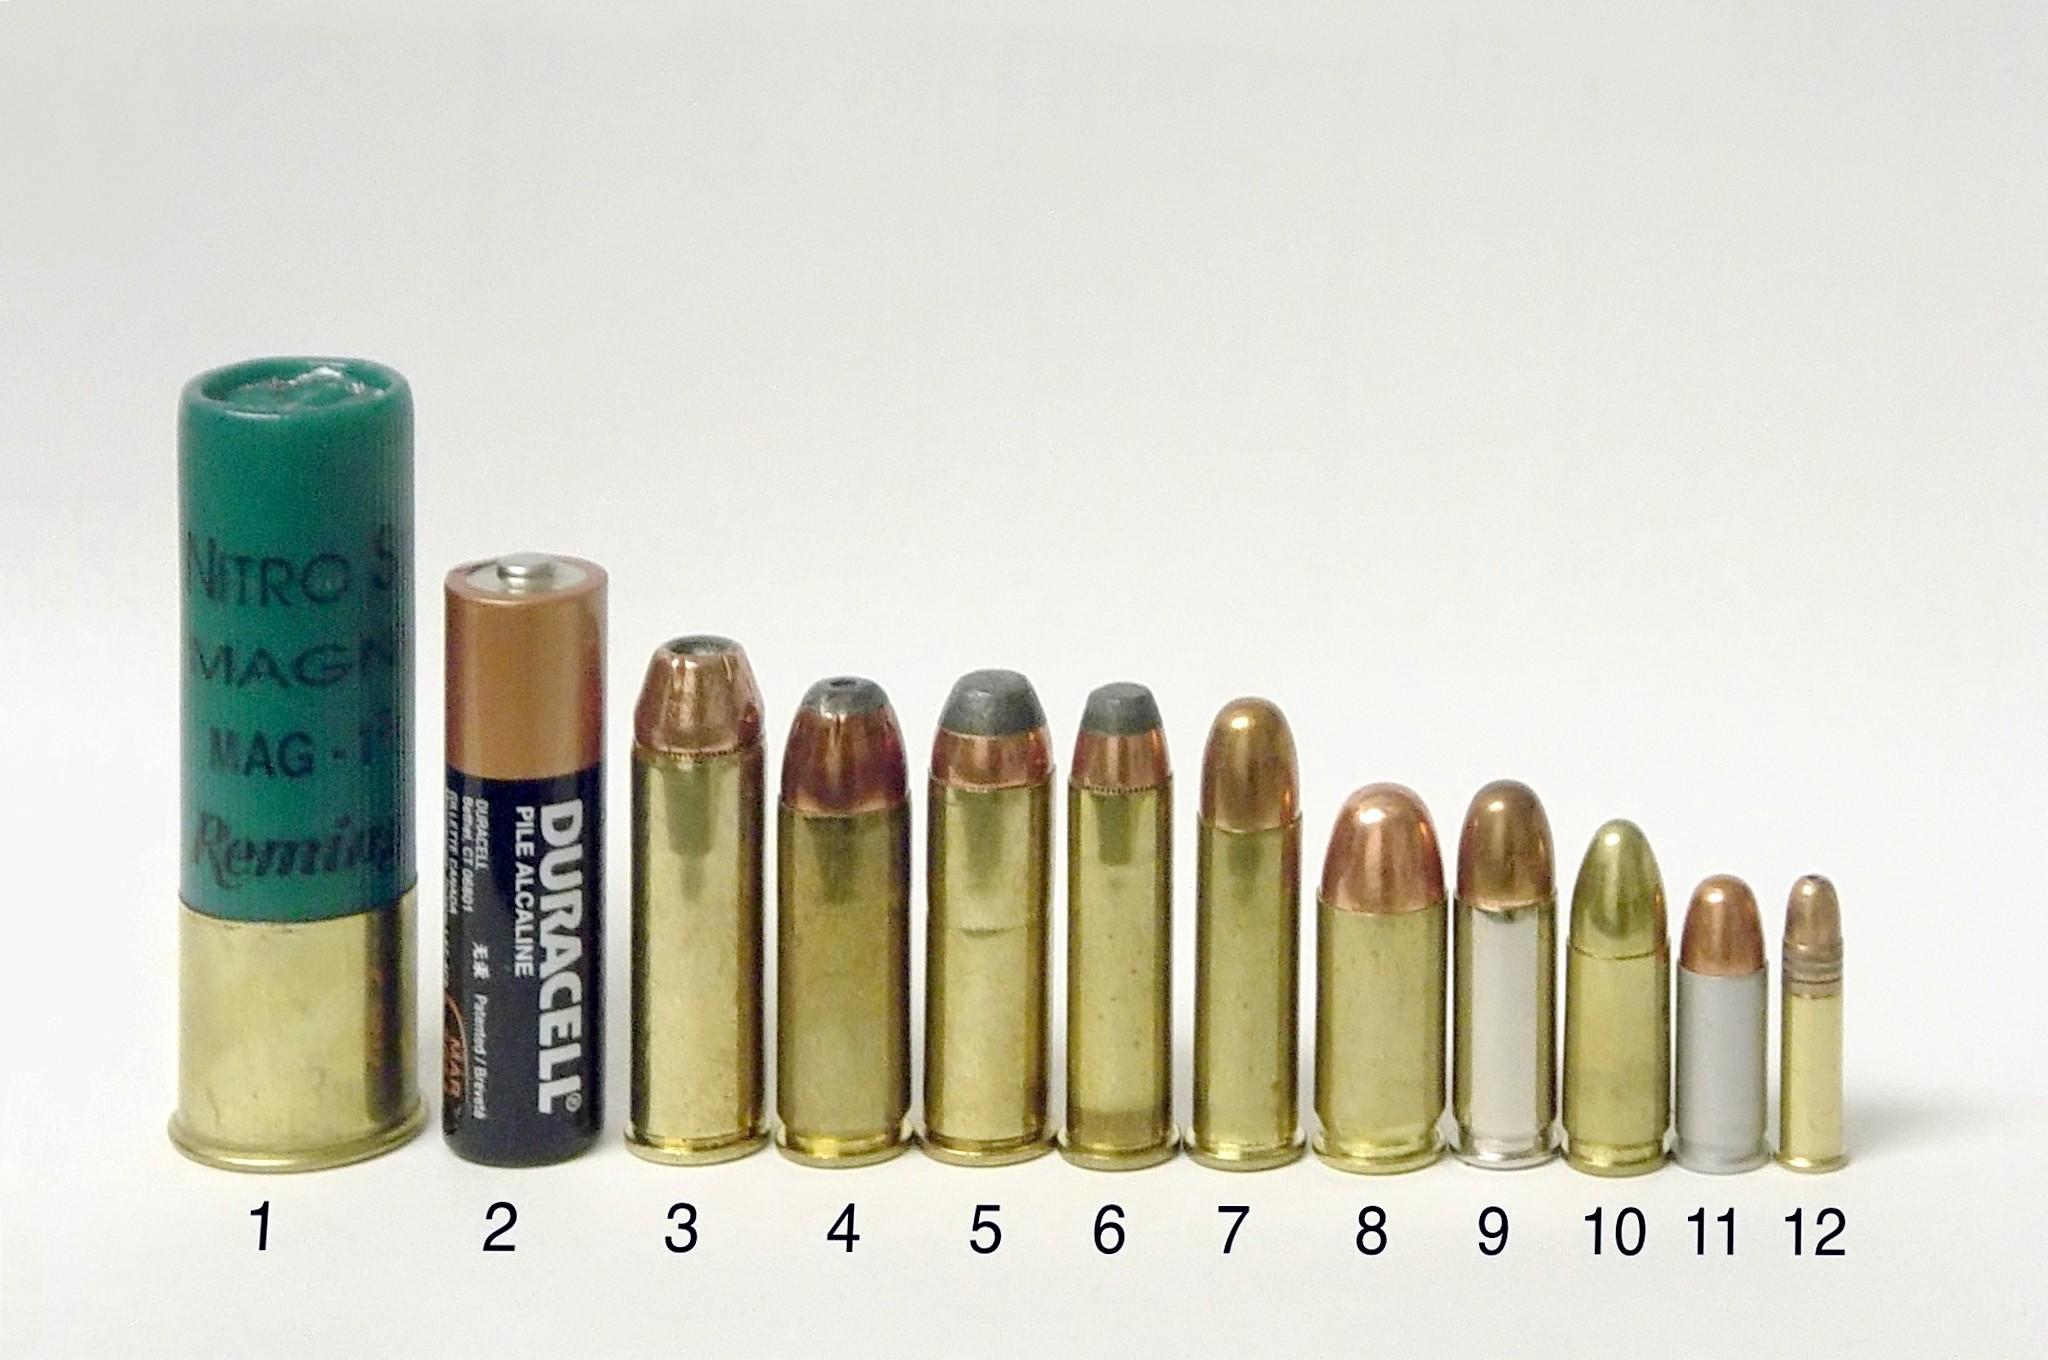 Comparitive_handgun_rounds.jpg